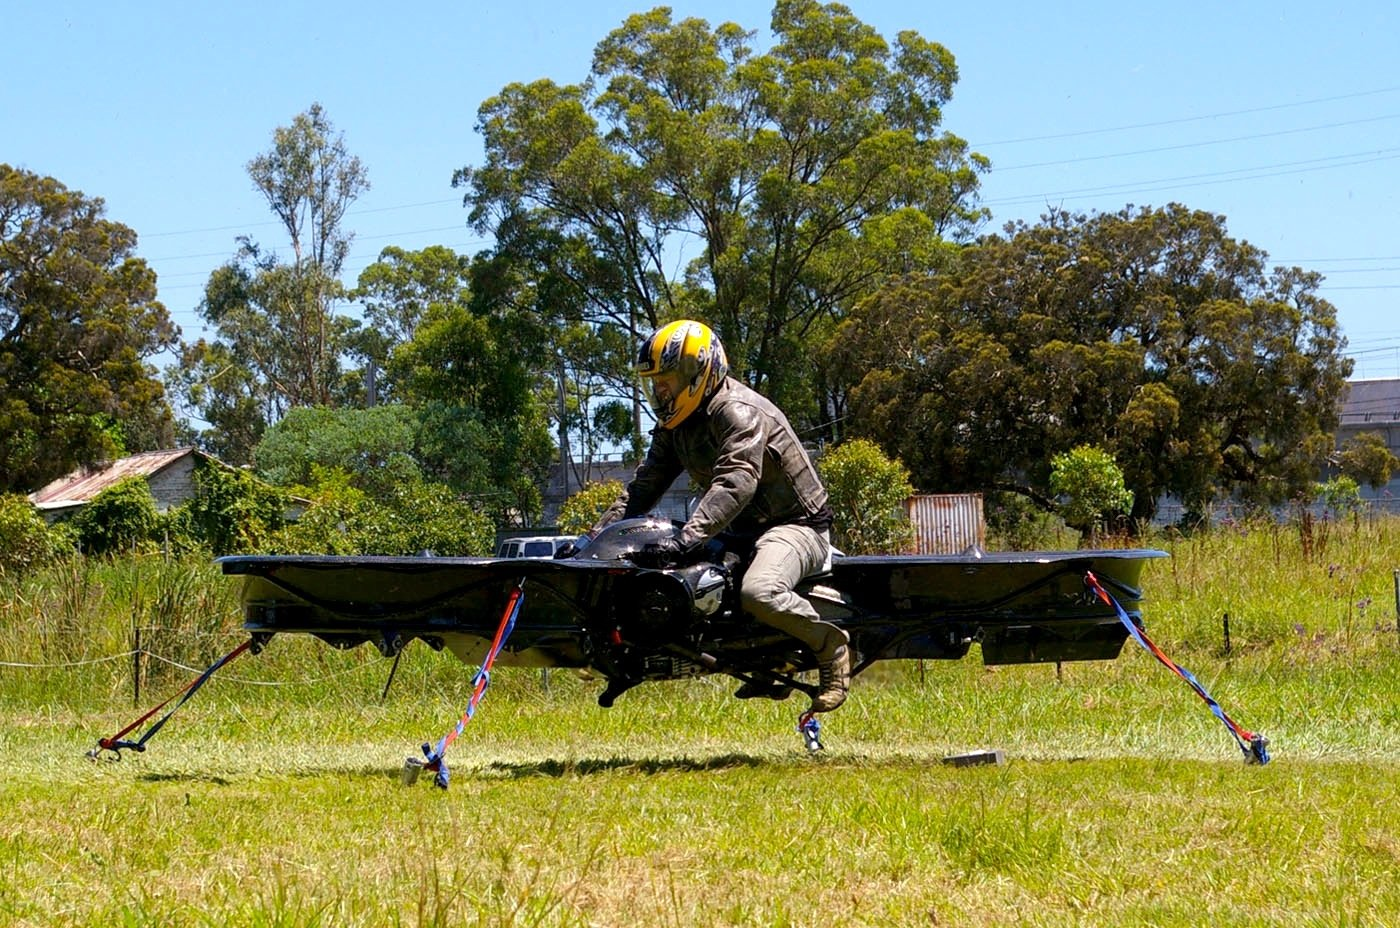 Die US-Army interessiert sich für die Erfindung des Hoverbike des BritenChris Malloy. Soldaten sollen es für Aufklärungsflüge nutzen.